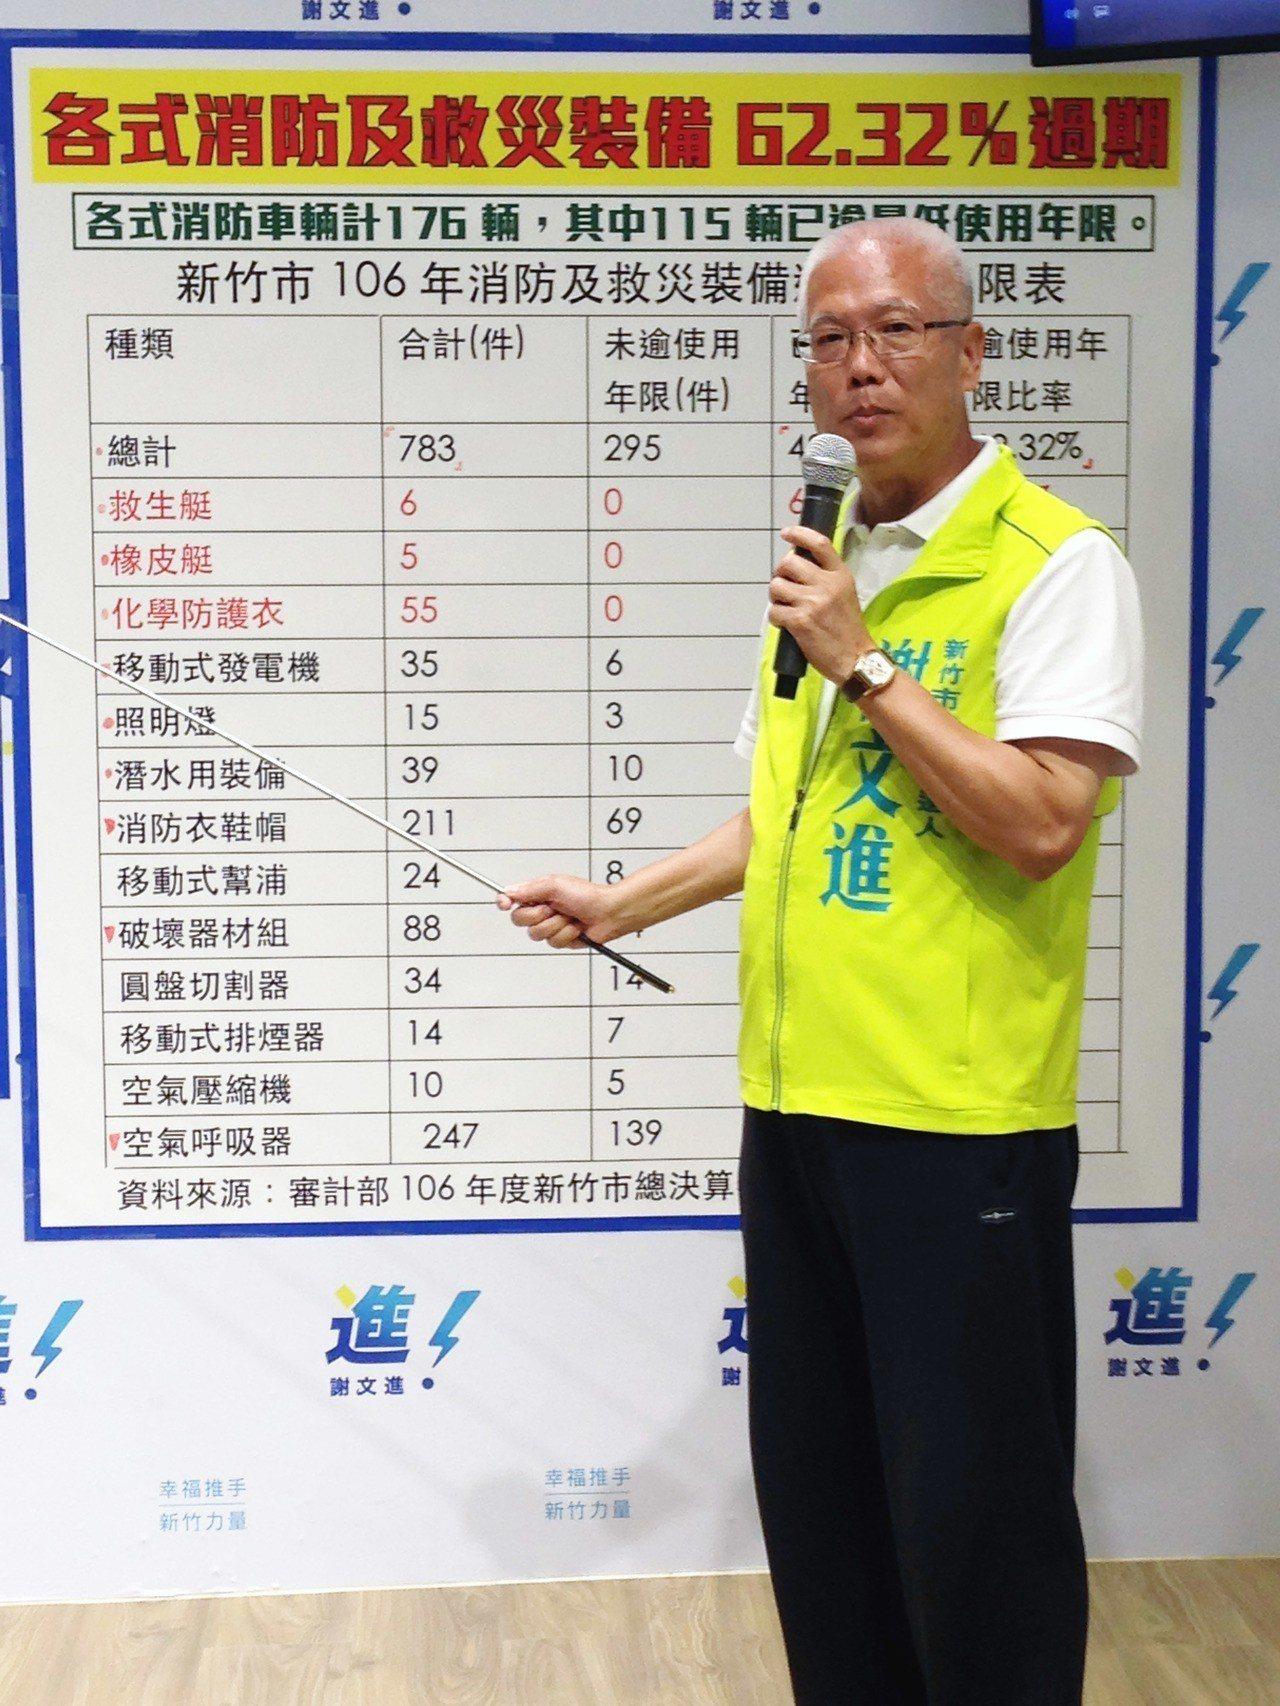 謝文進批評,竹市各式消防車輛與救災裝備,超過6成以上都為過期,罔顧消防人員的生命...